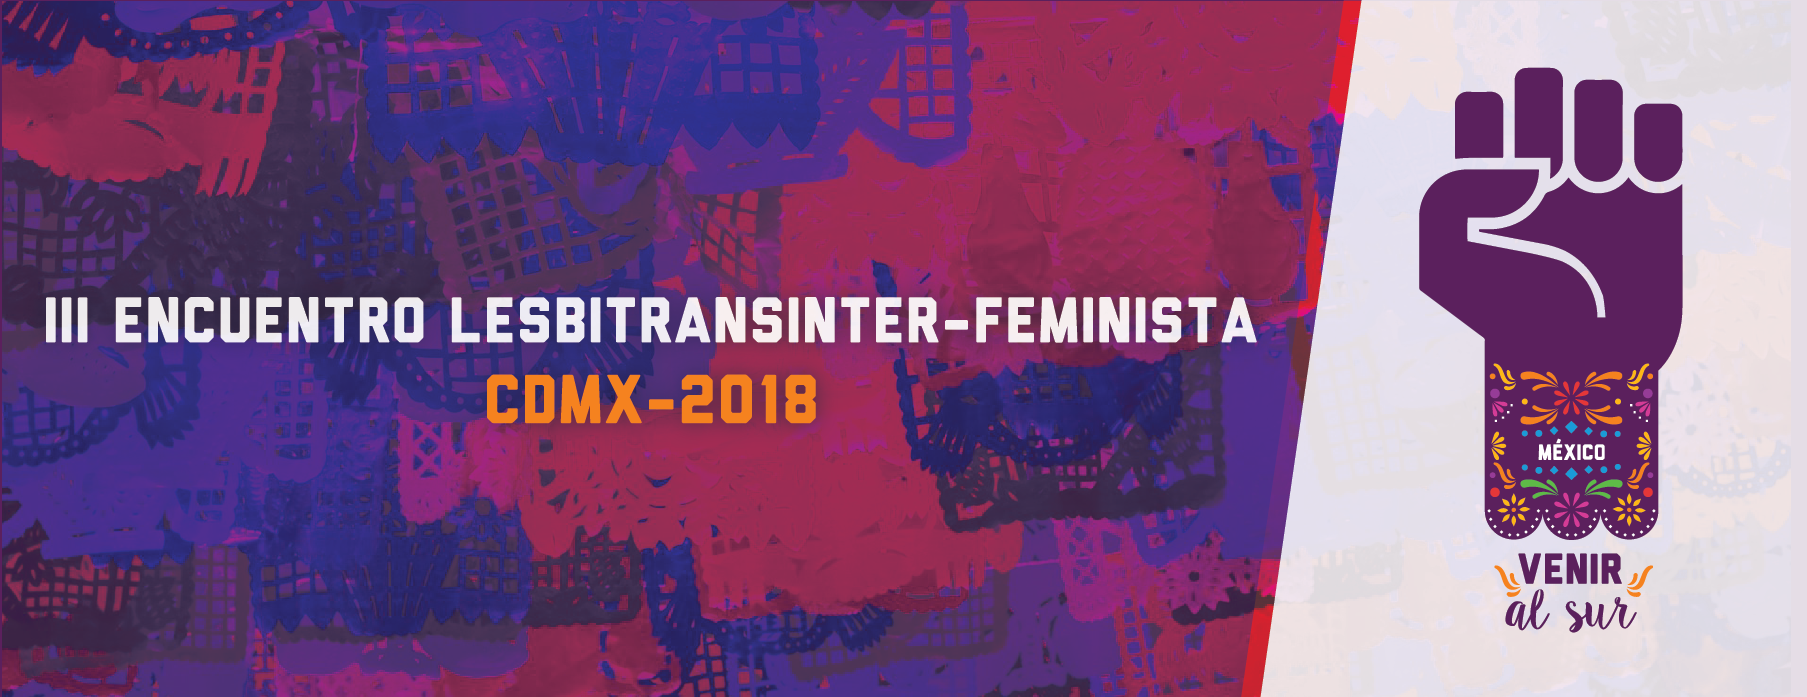 III Encuentro lesbitransinter feminista-Venir al Sur 2018